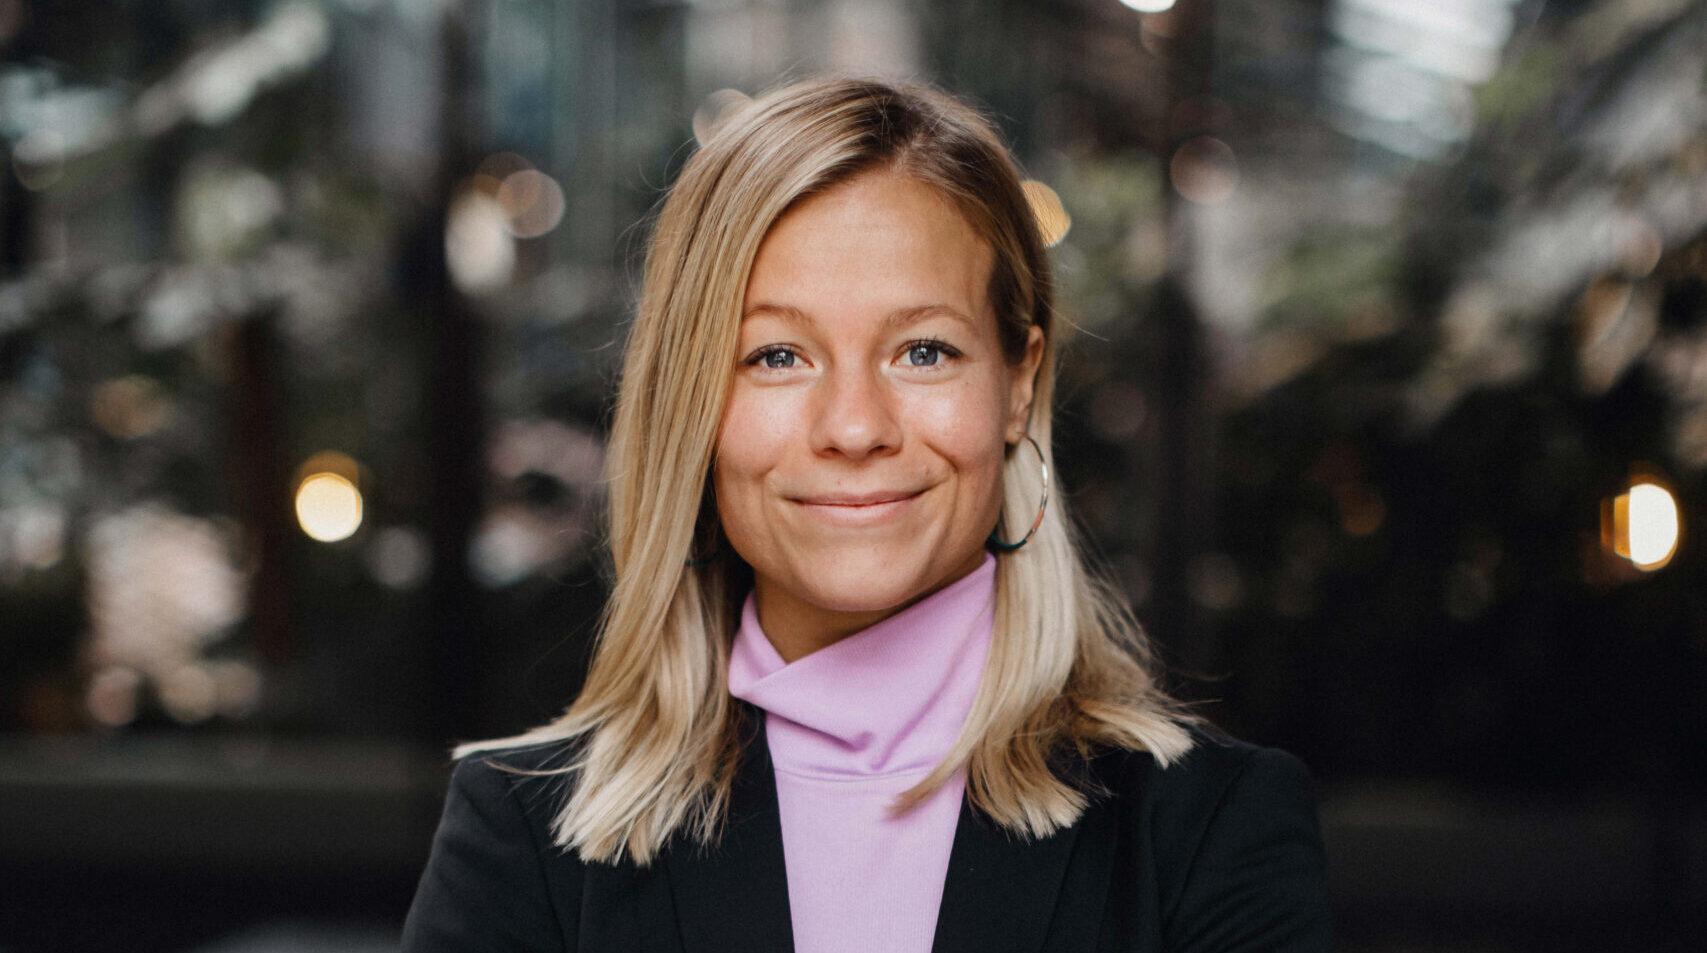 Lisa Stenvinkel är projektledare för UNDP Sverige och en av OmVärldens talanger